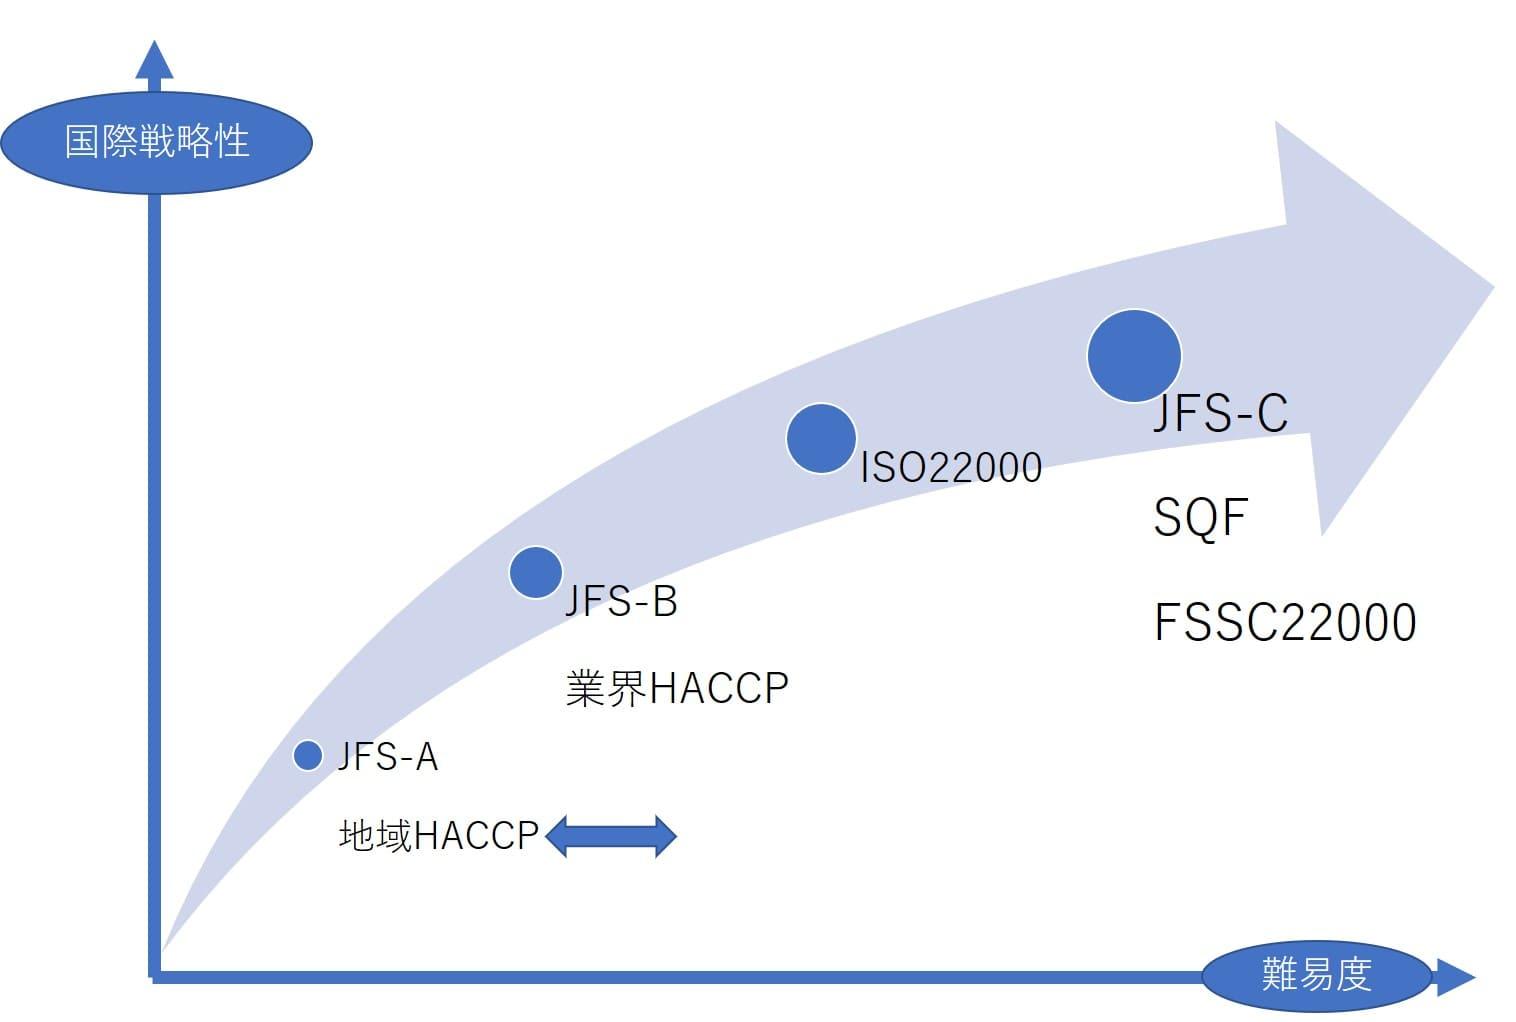 食品安全マネジメントシステム戦略map